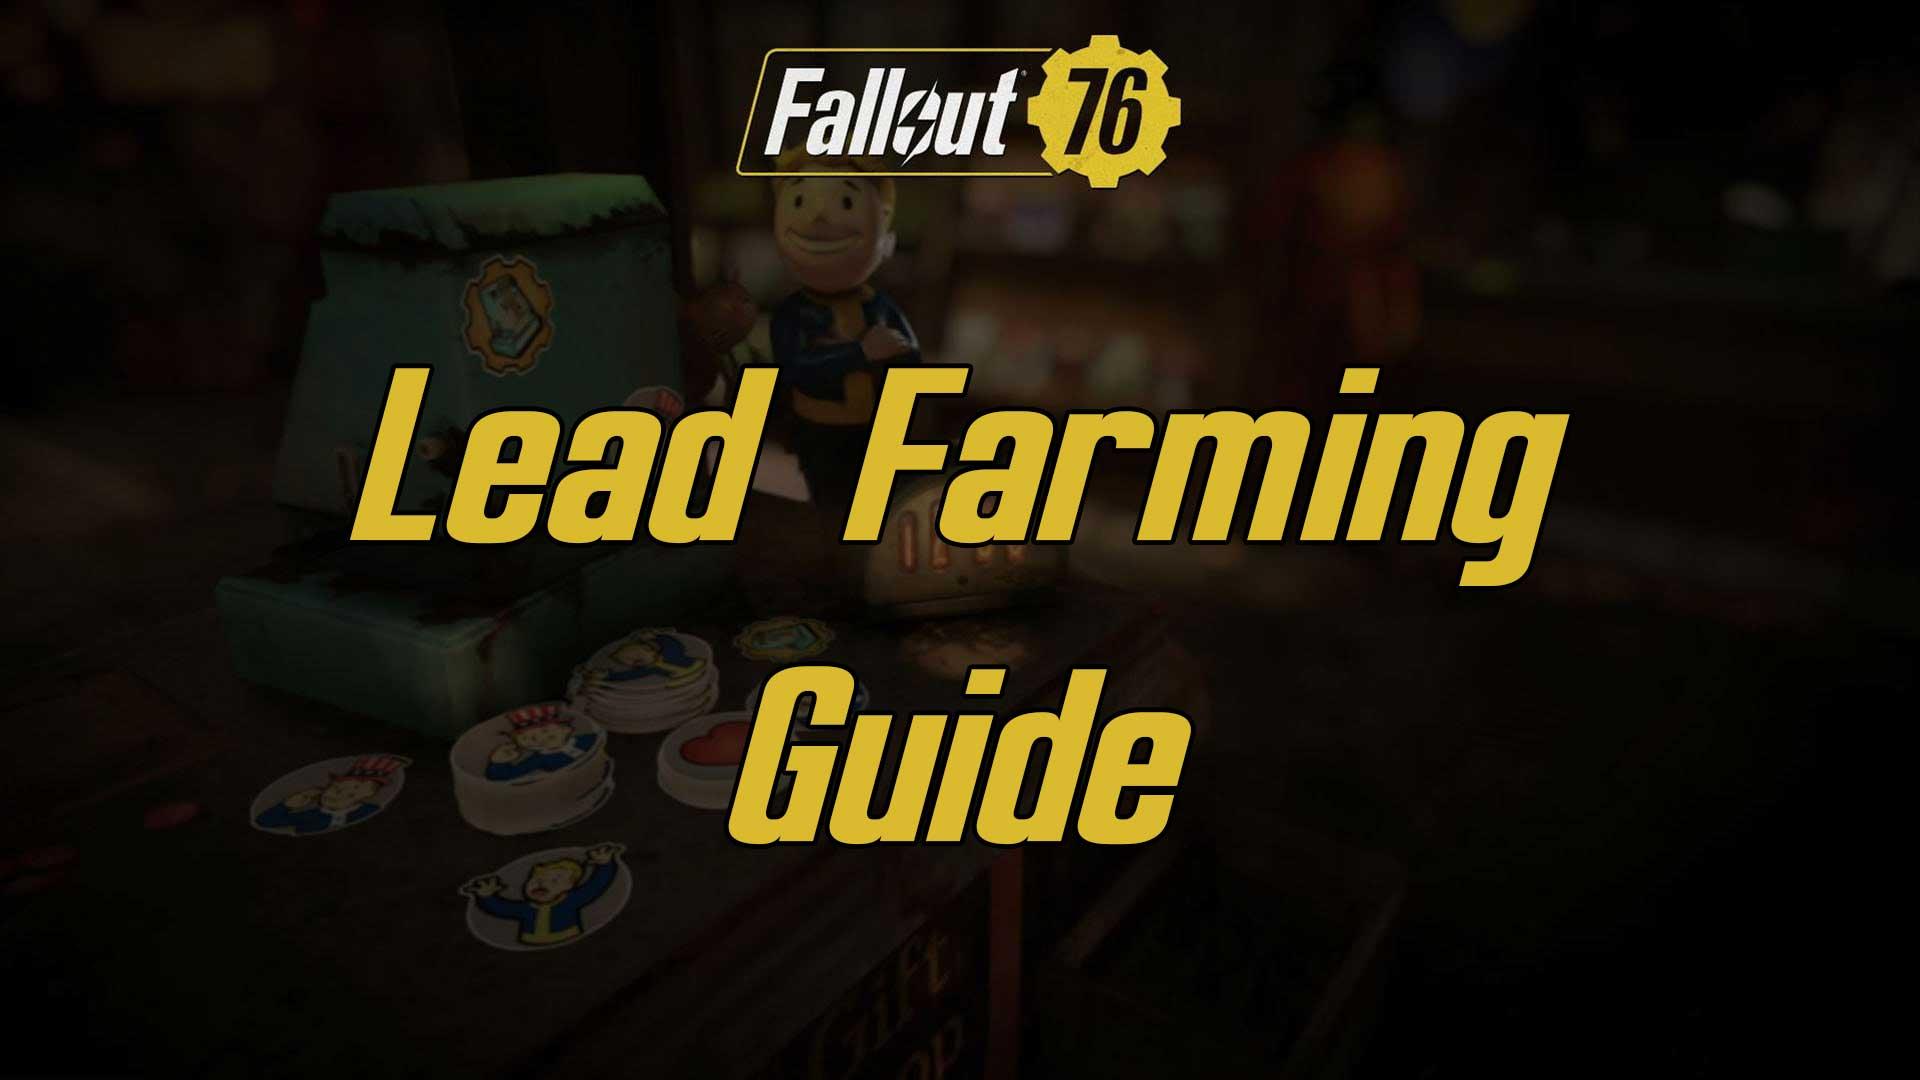 lead farming fallout 76